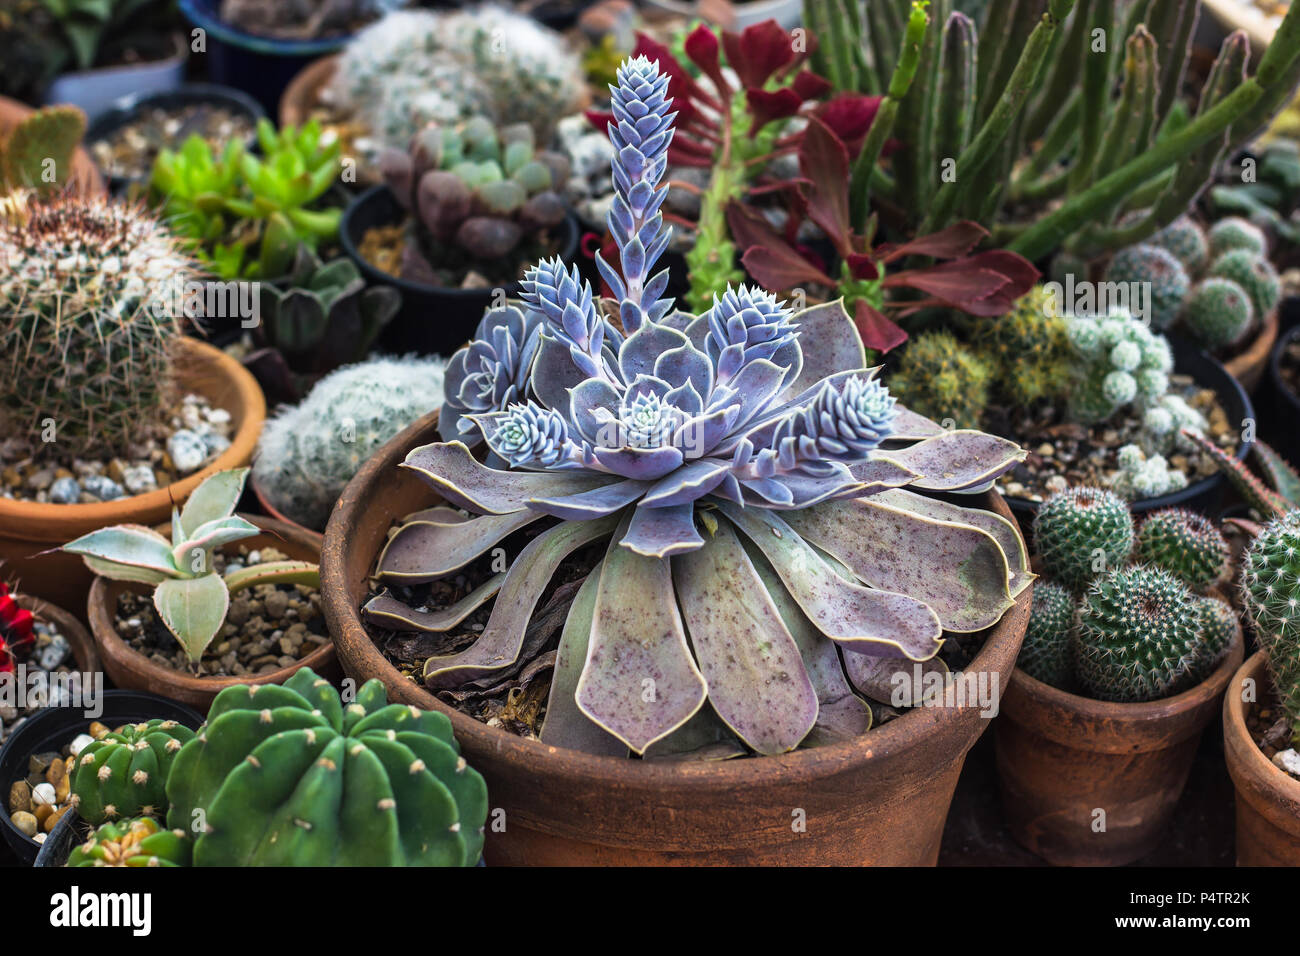 Sammlung von Kakteen und sukkulenten Pflanzen im Garten. Kleine Kakteen und Sukkulenten im heimischen Garten. Stockfoto